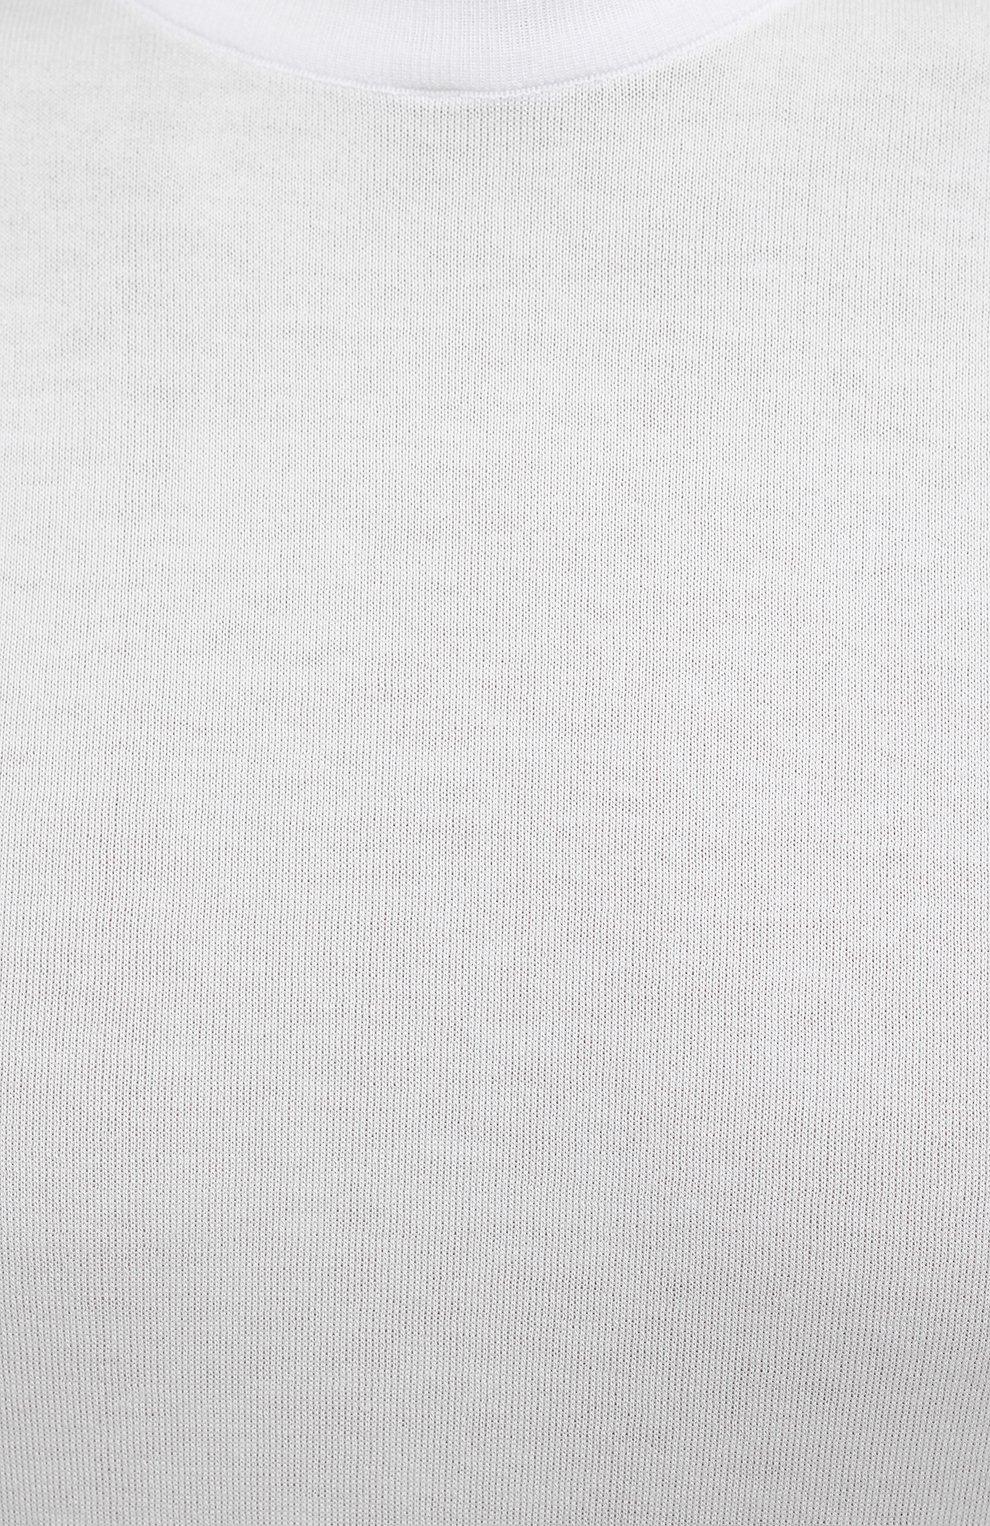 Мужской хлопковый джемпер SVEVO белого цвета, арт. 4650/3SE21/MP46   Фото 5 (Мужское Кросс-КТ: Джемперы; Принт: Без принта; Рукава: Короткие; Длина (для топов): Стандартные; Материал внешний: Хлопок; Вырез: Круглый; Стили: Кэжуэл)